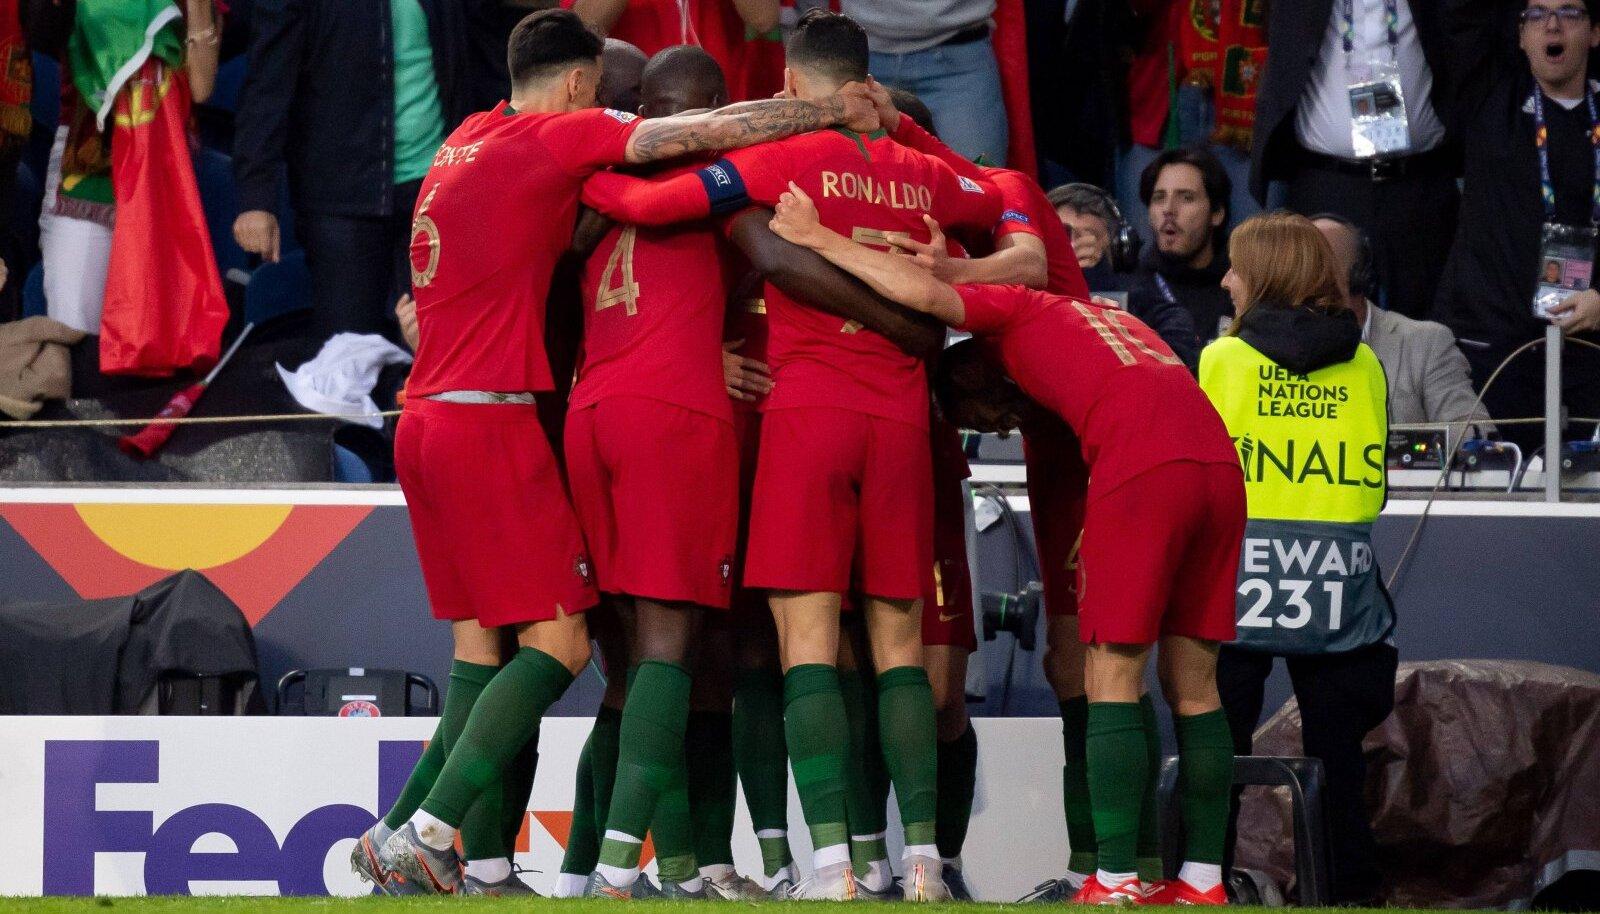 Portugali koondis väravat tähistamas